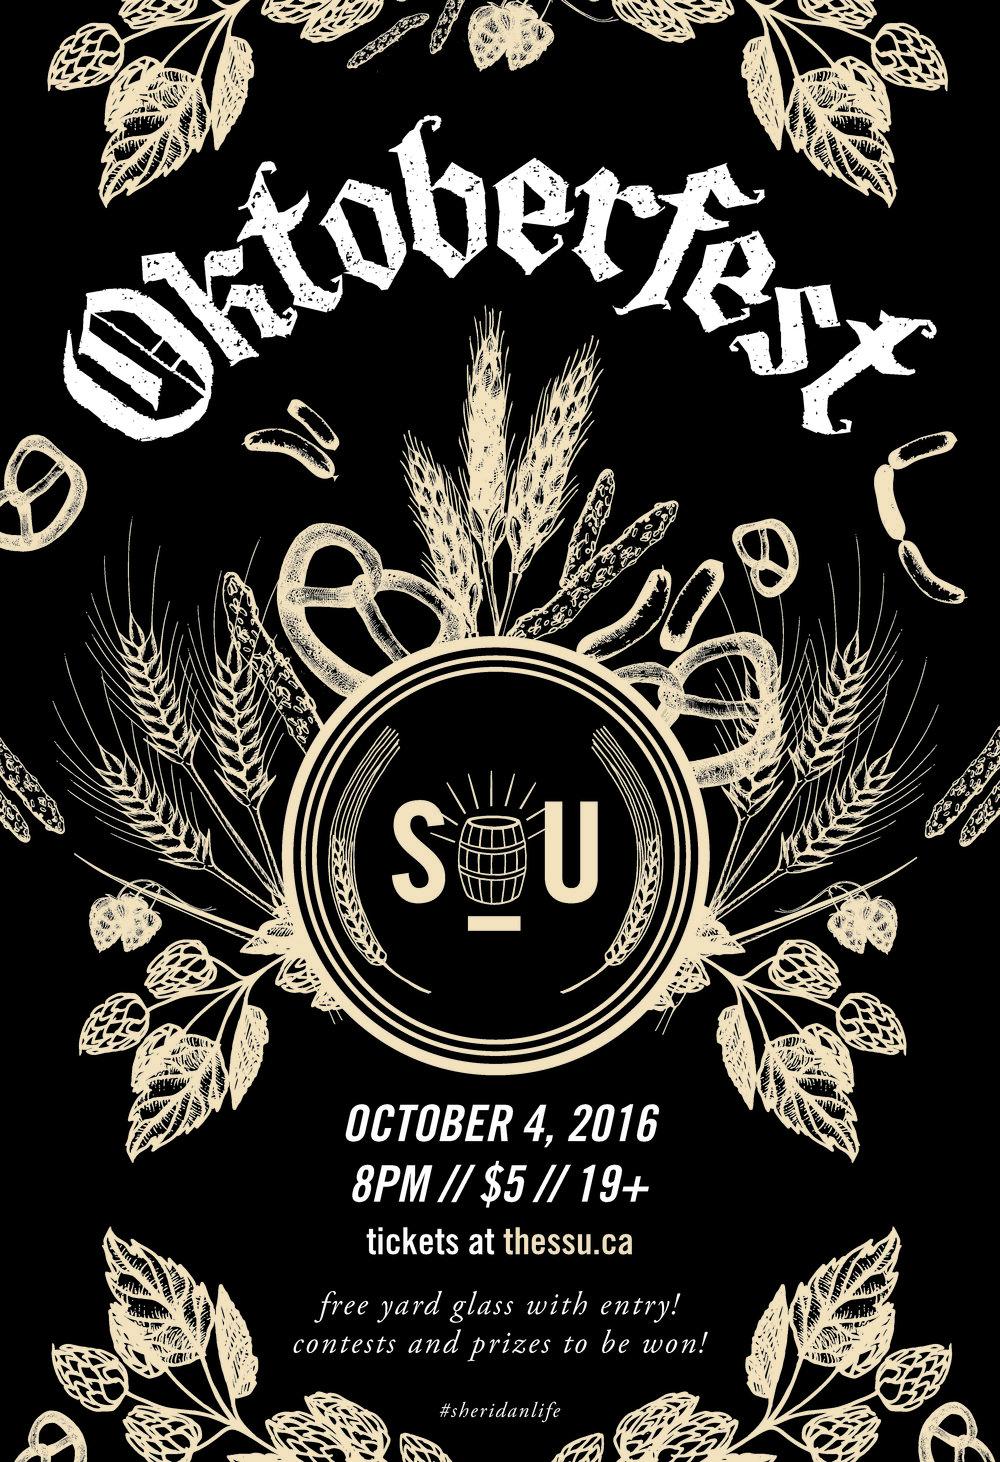 Oct 4_oktoberfest_print-01.jpg